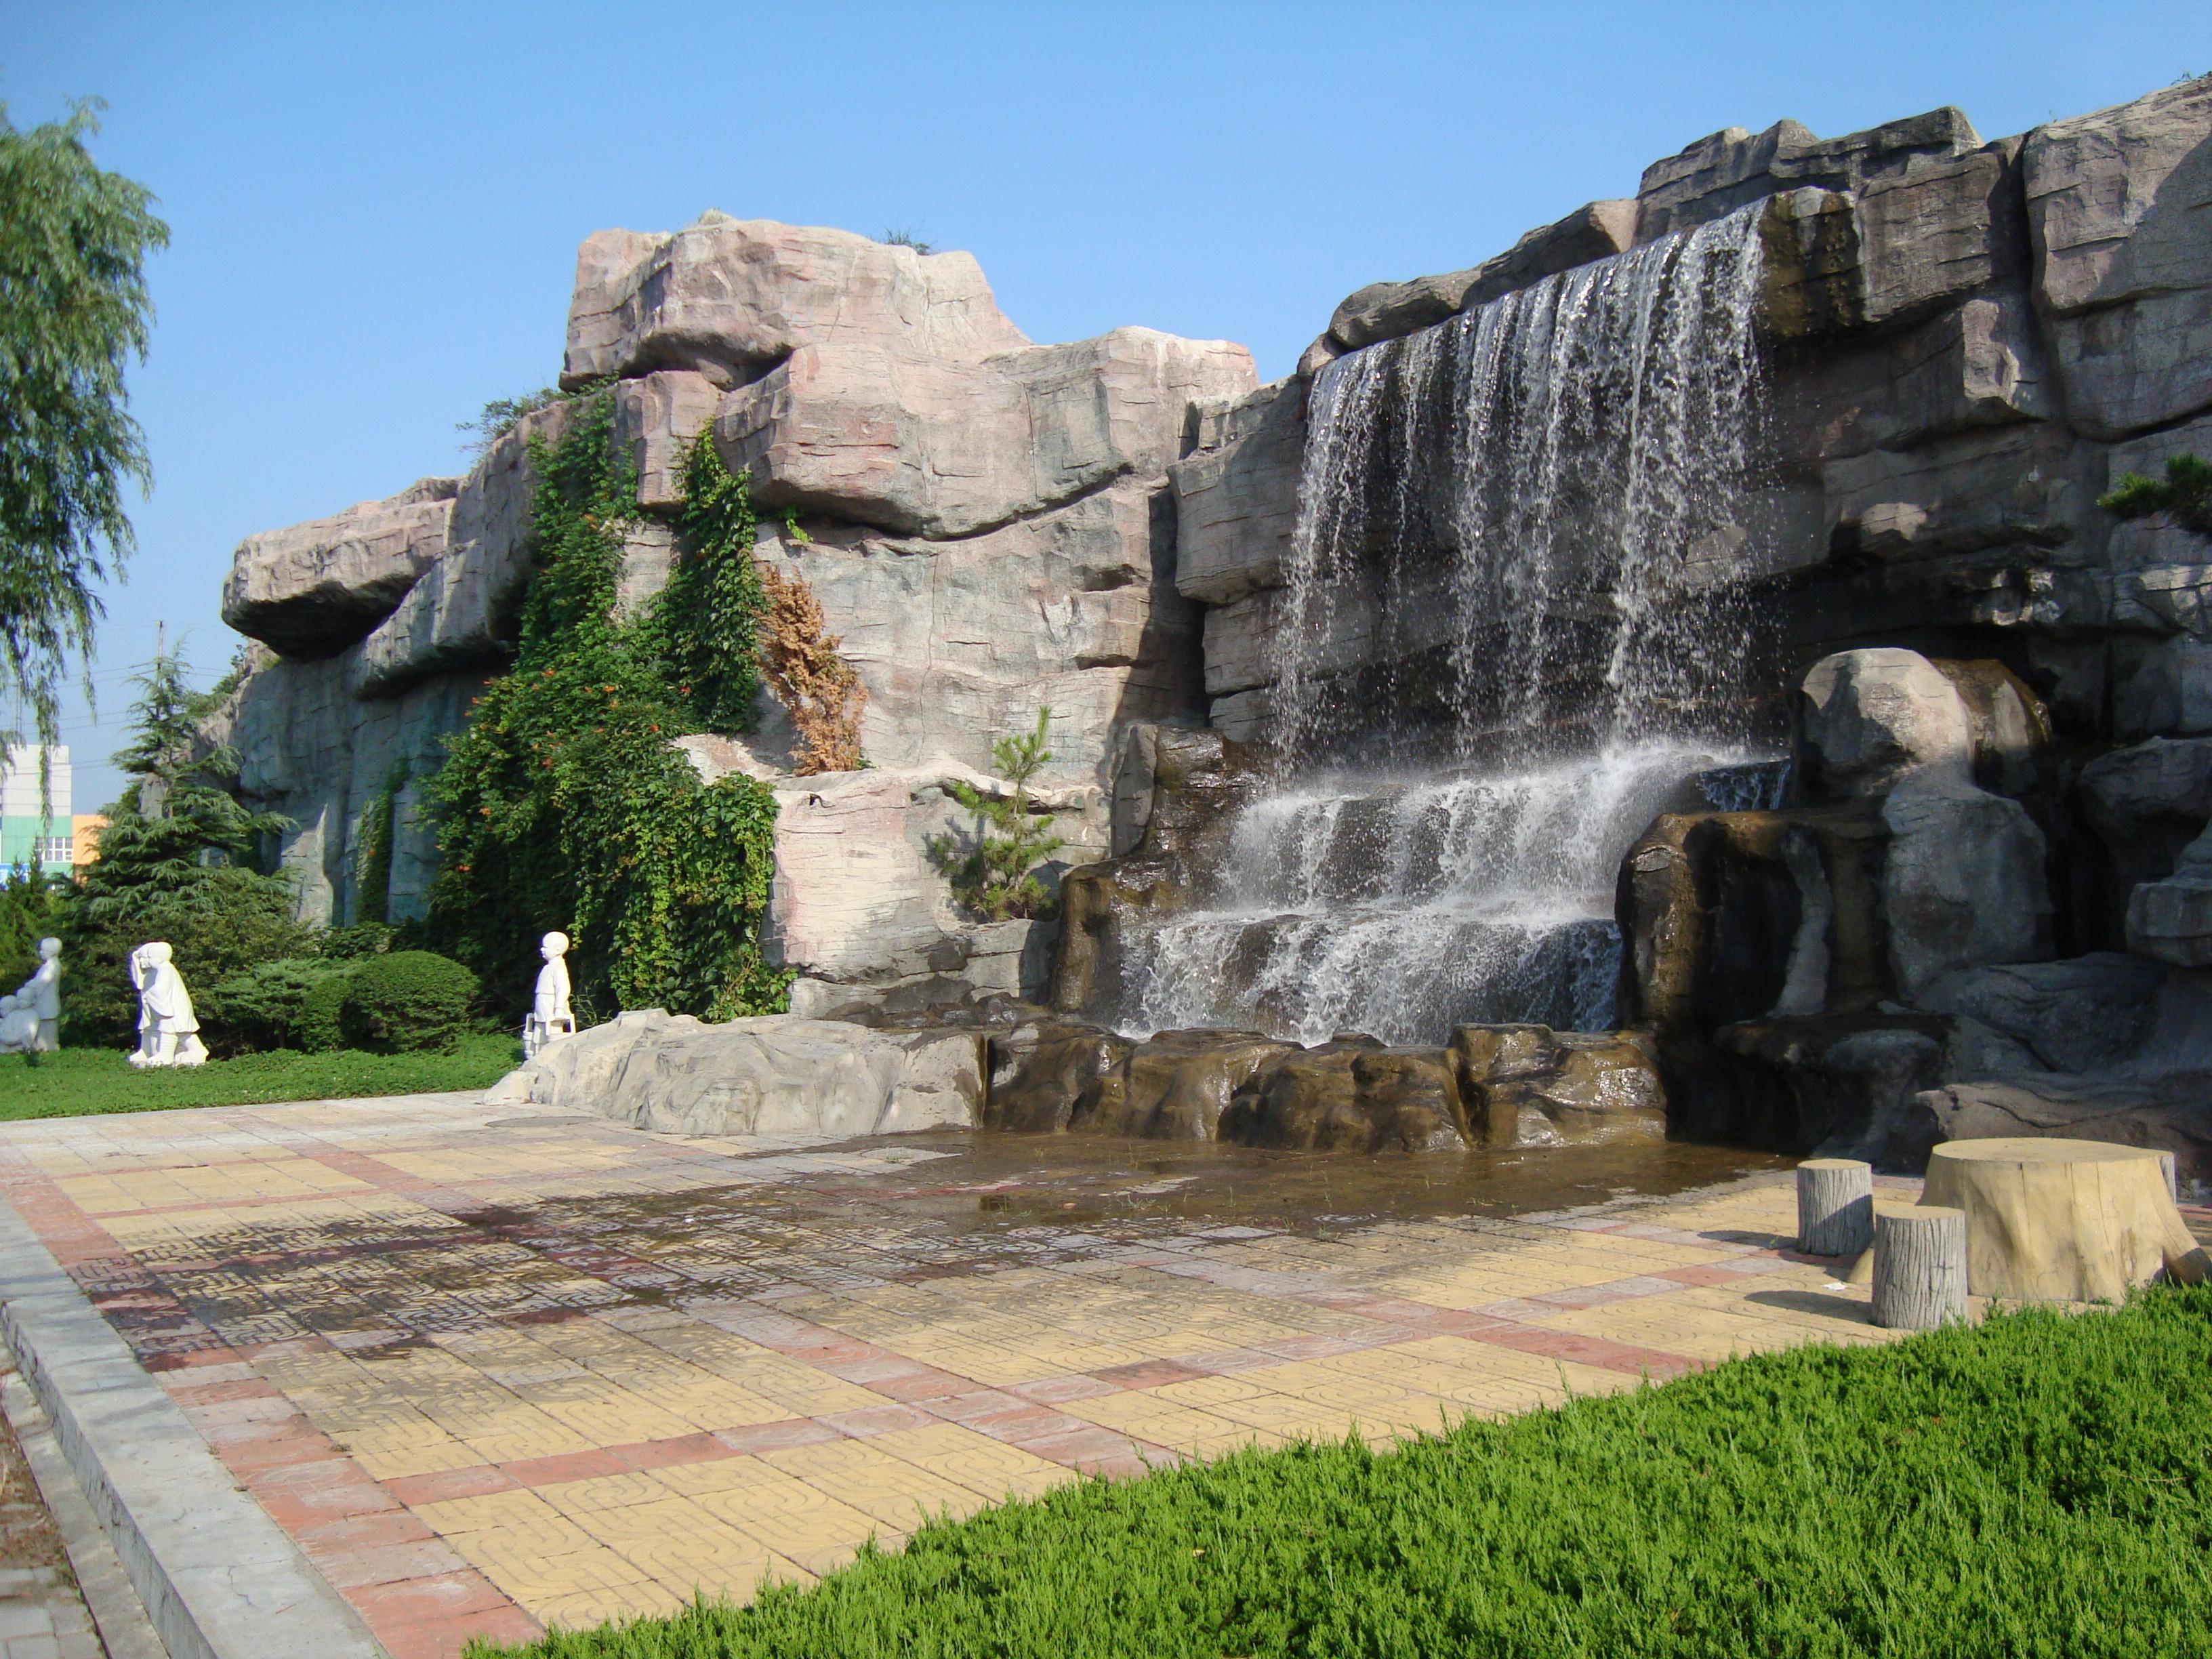 各种景观雕塑,以及大型墙壁手绘画.